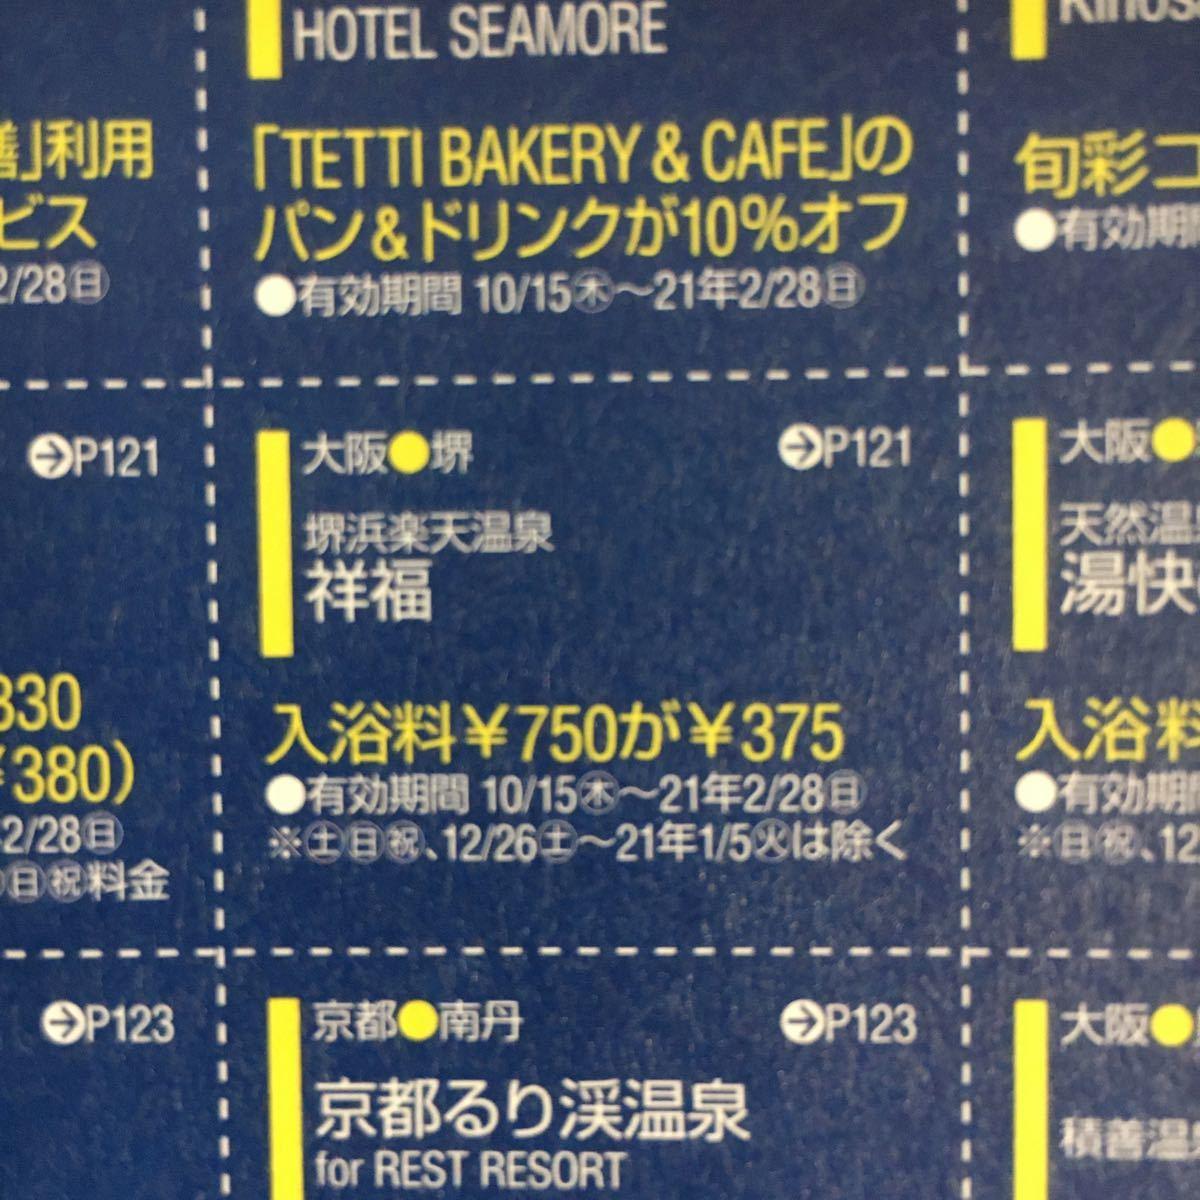 堺浜楽天温泉 祥福 クーポン券 割引券 半額券 2/28まで 除外日あり_画像1